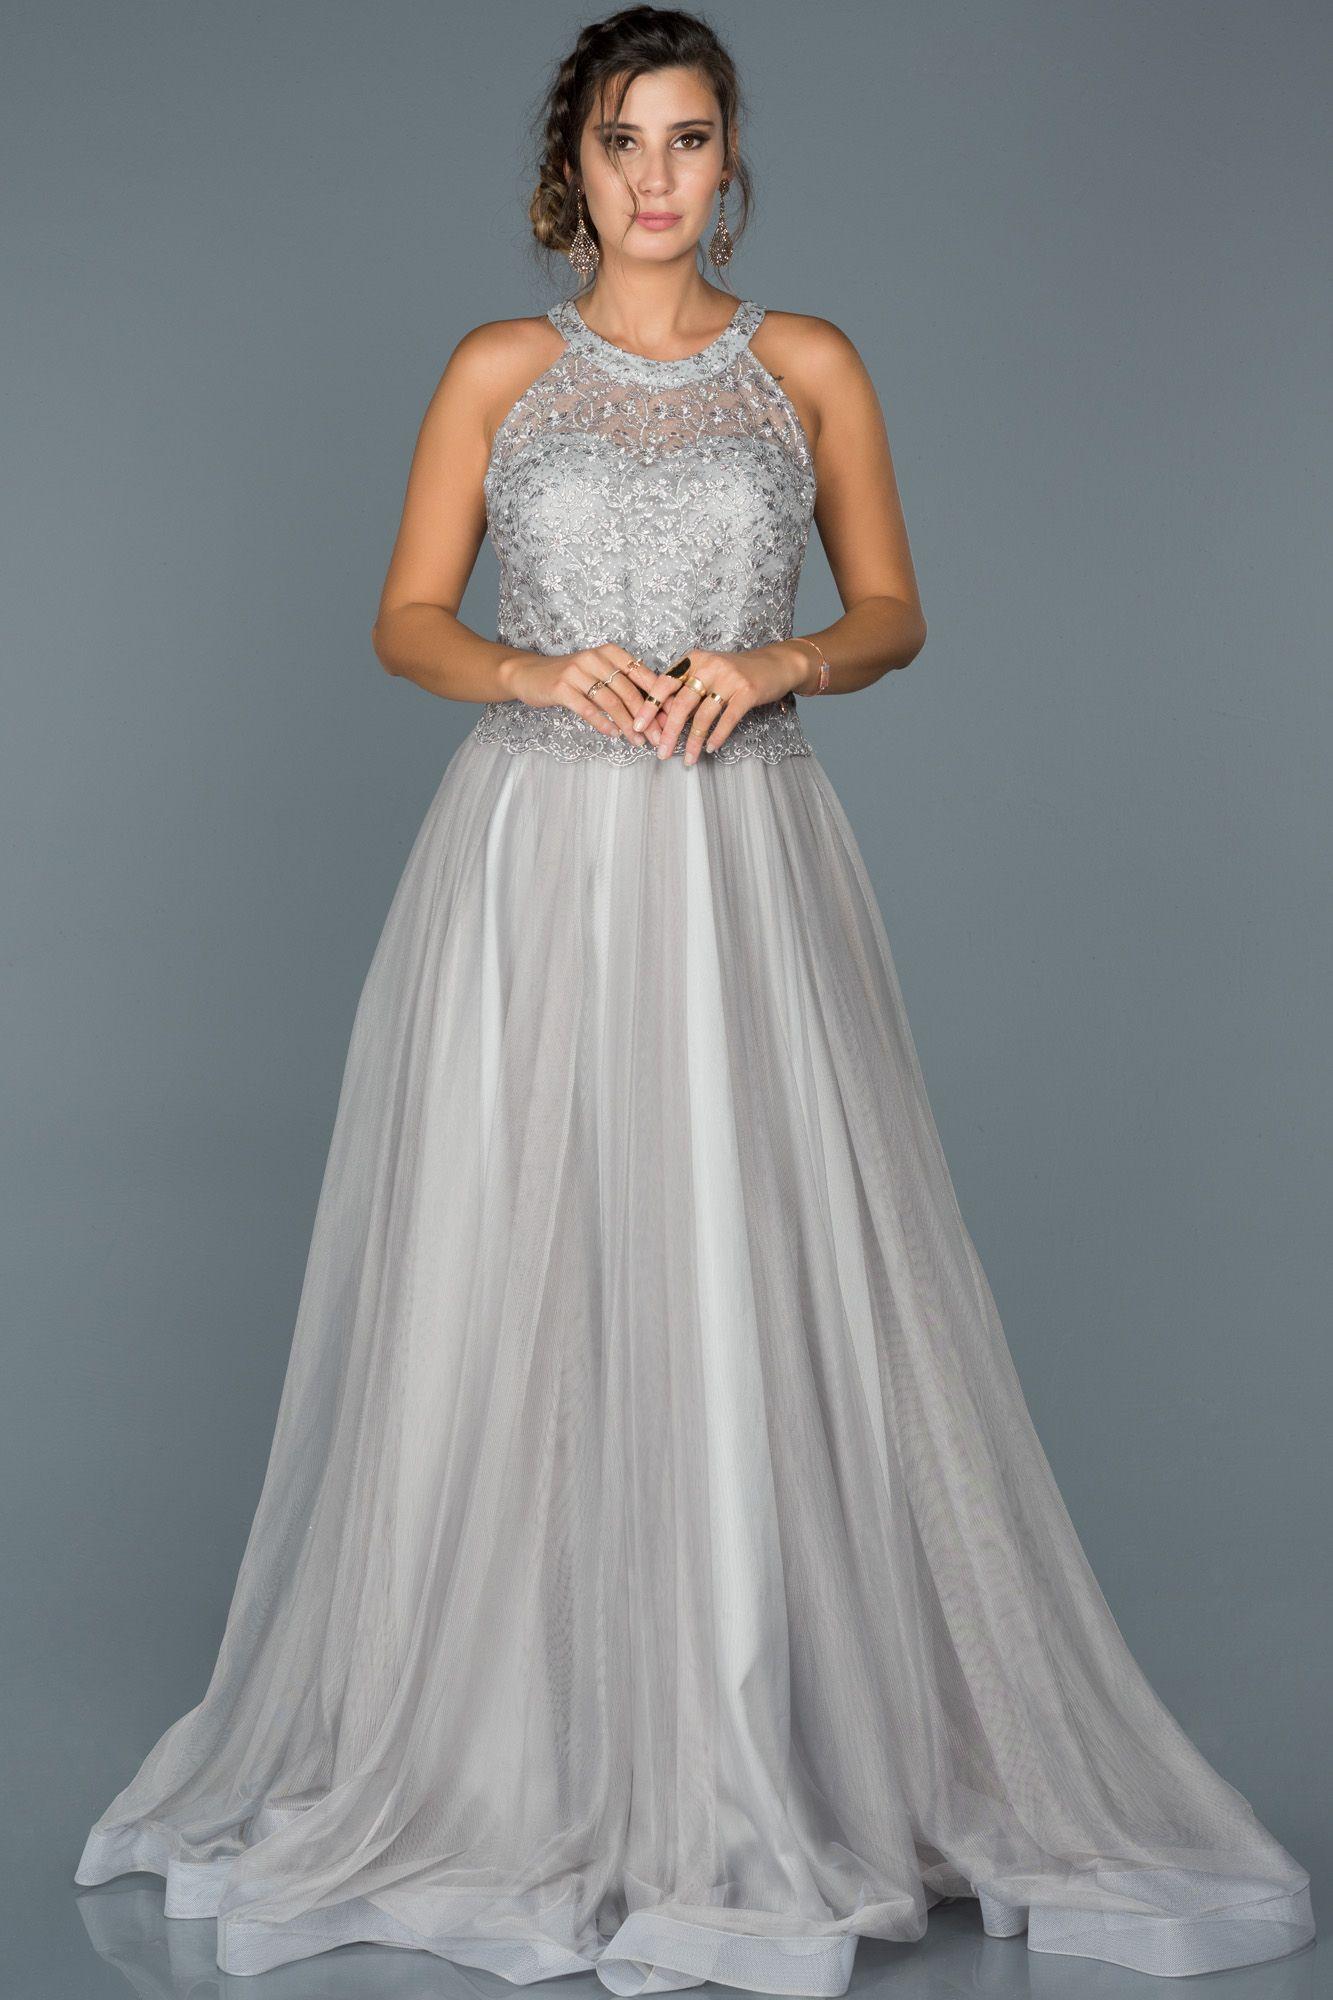 Gri Gupurlu Prenses Abiye Abu430 Resmi Elbise The Dress Elbise